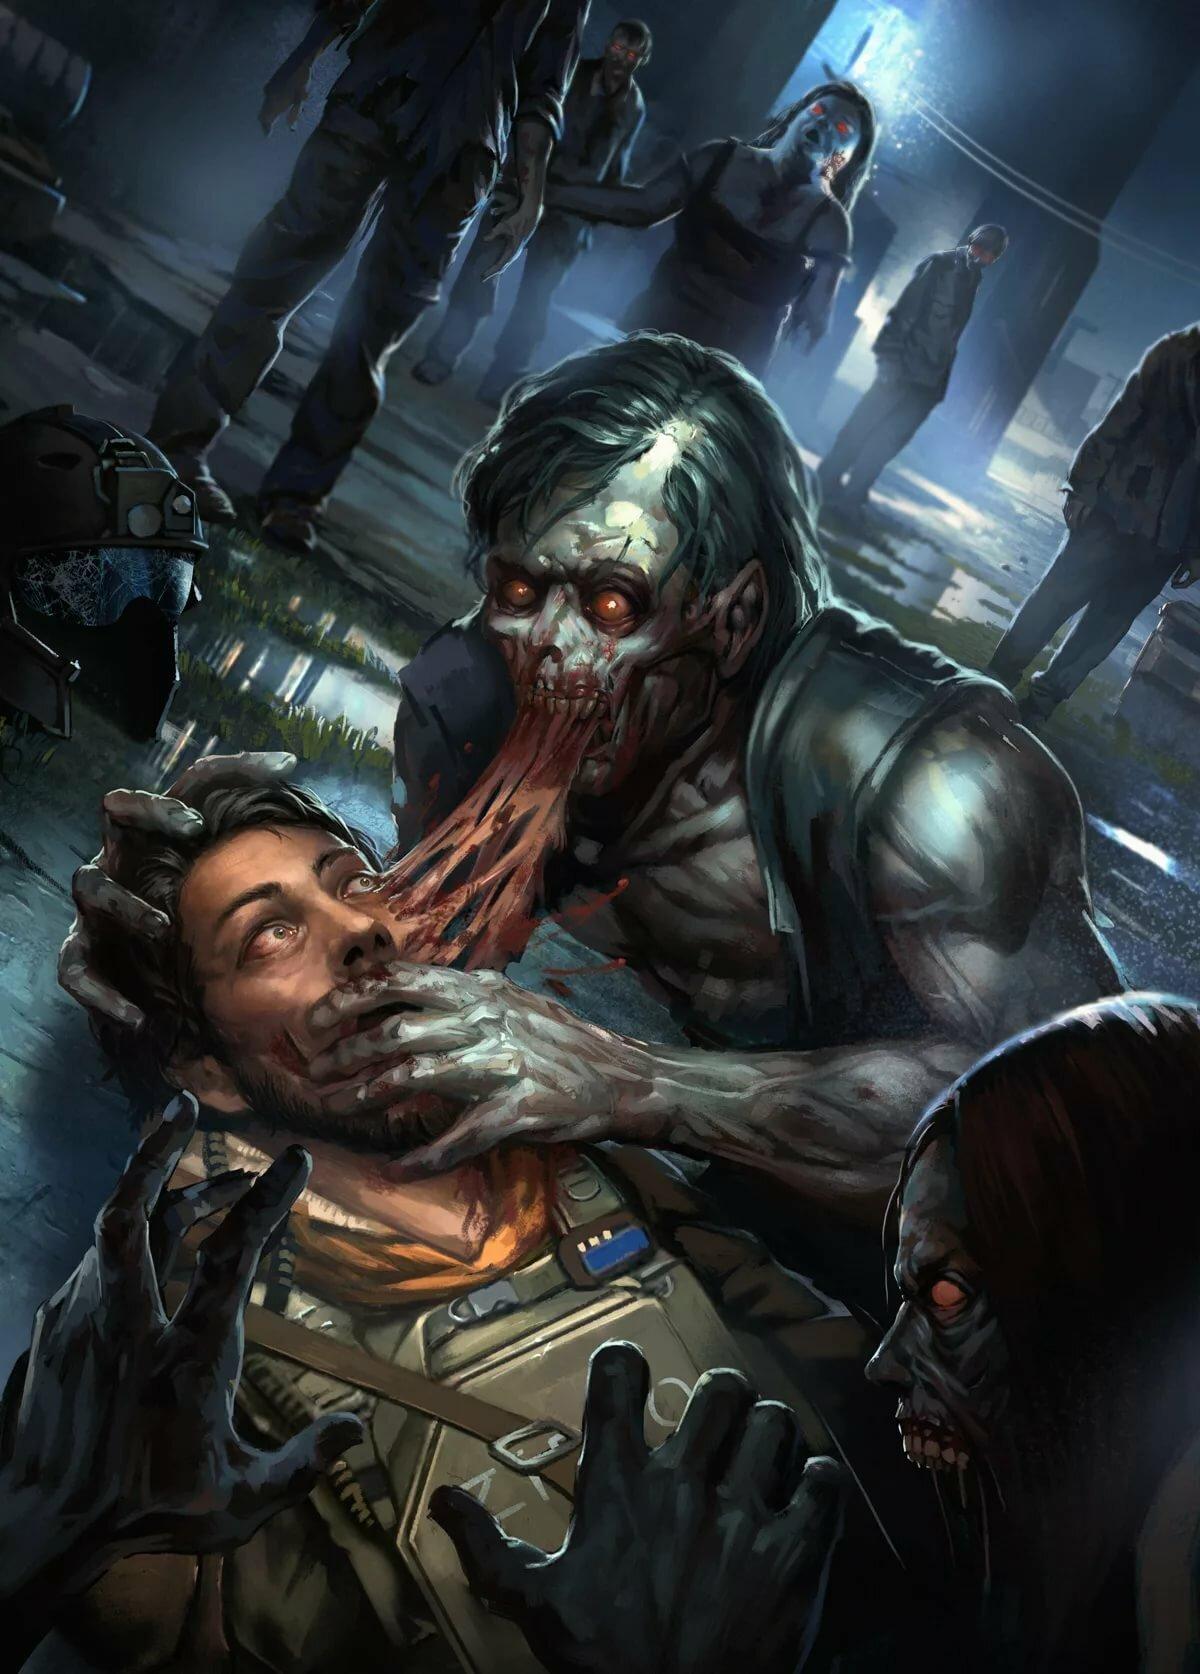 плены человек против зомби картинки все прекрасно